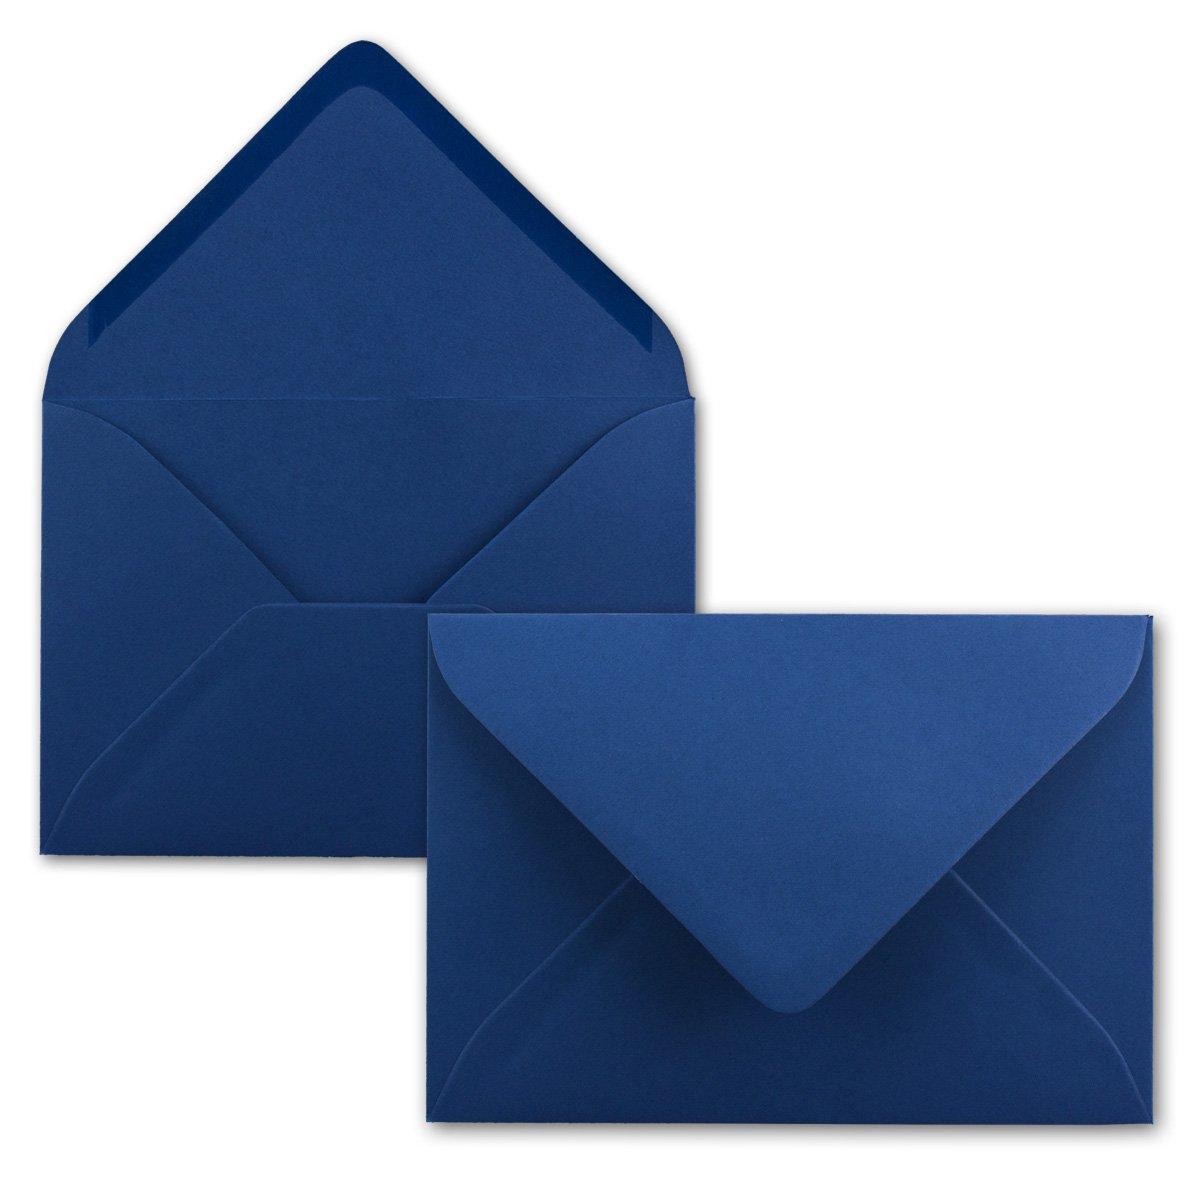 Brief-Umschläge in Nachtblau     150 Stück   DIN C5 KuGrüns 220 x 154 mm - Nassklebung ohne Fenster - Weihnachten, Grußkarten   Serie FarbenFroh® B07C97JKW9 | Elegant Und Würdevoll  a81c18